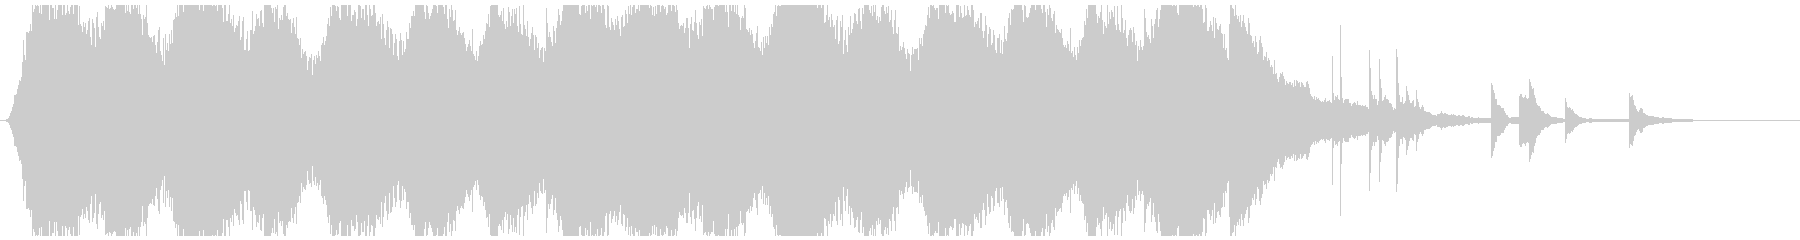 錆びれた古典的なアトモスフィアの未再生の波形